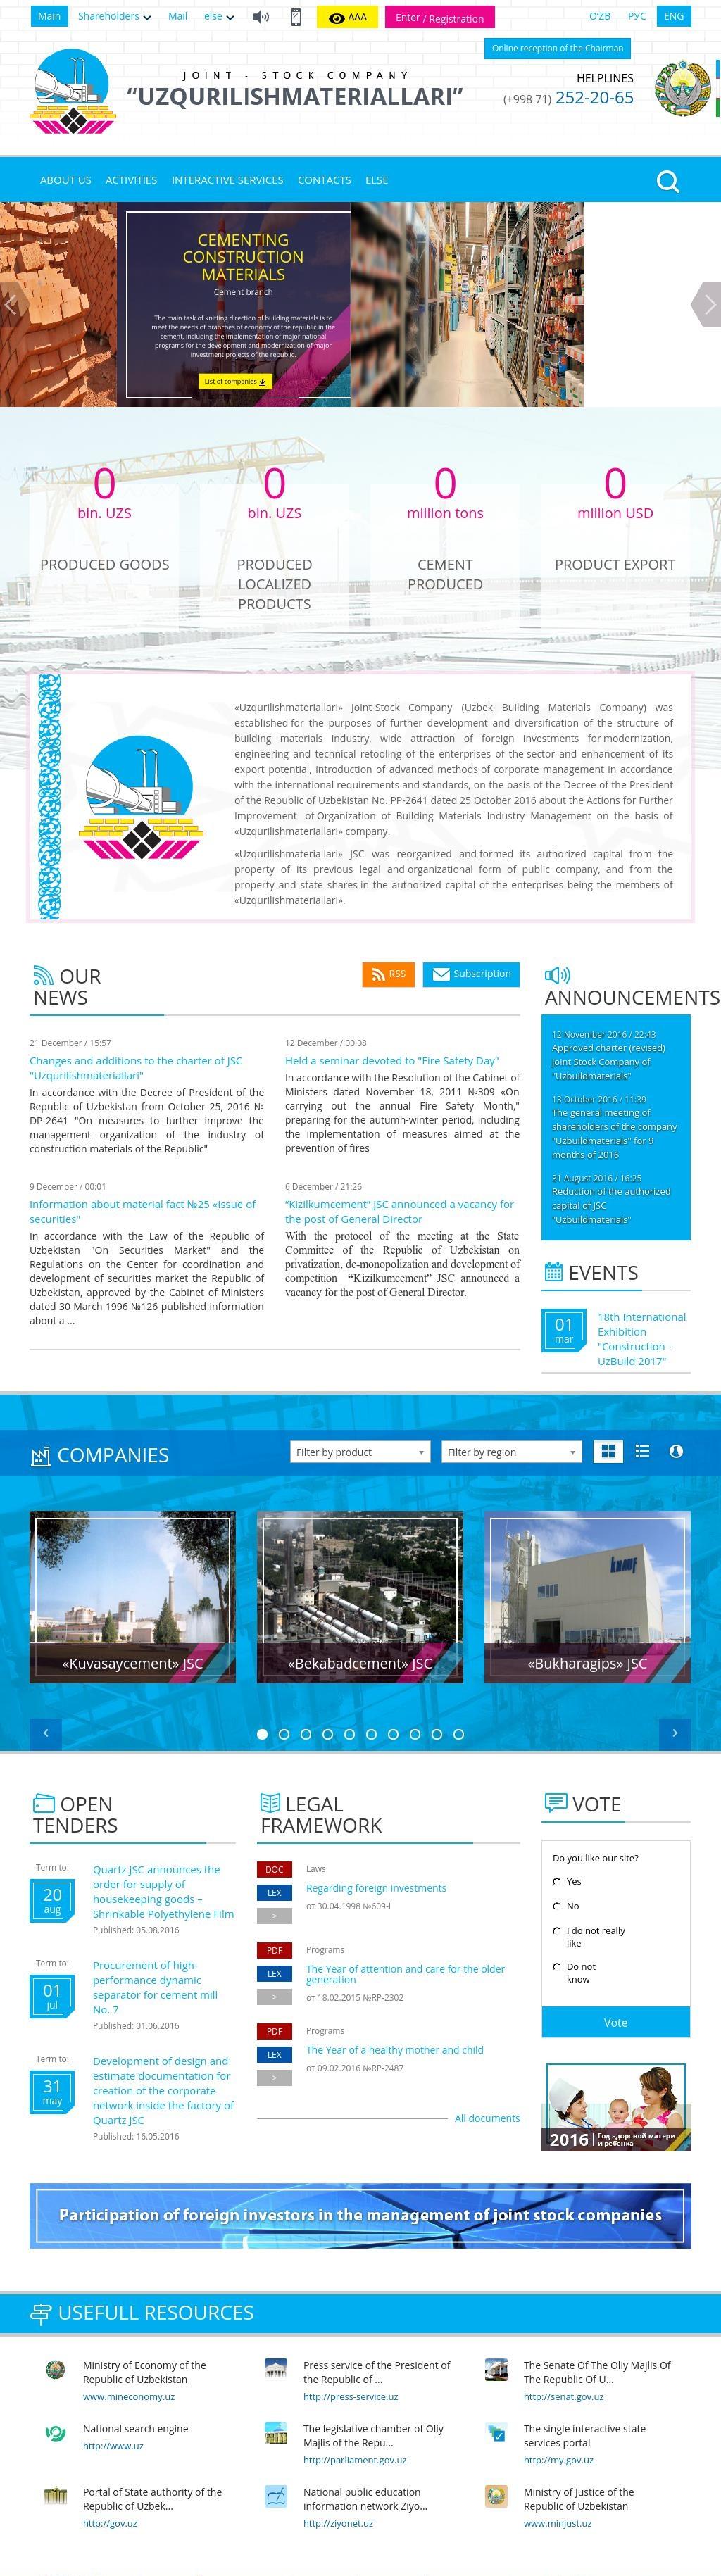 Полное наполнение англоязычно версии веб ресурса, организация работ по переводу контекта